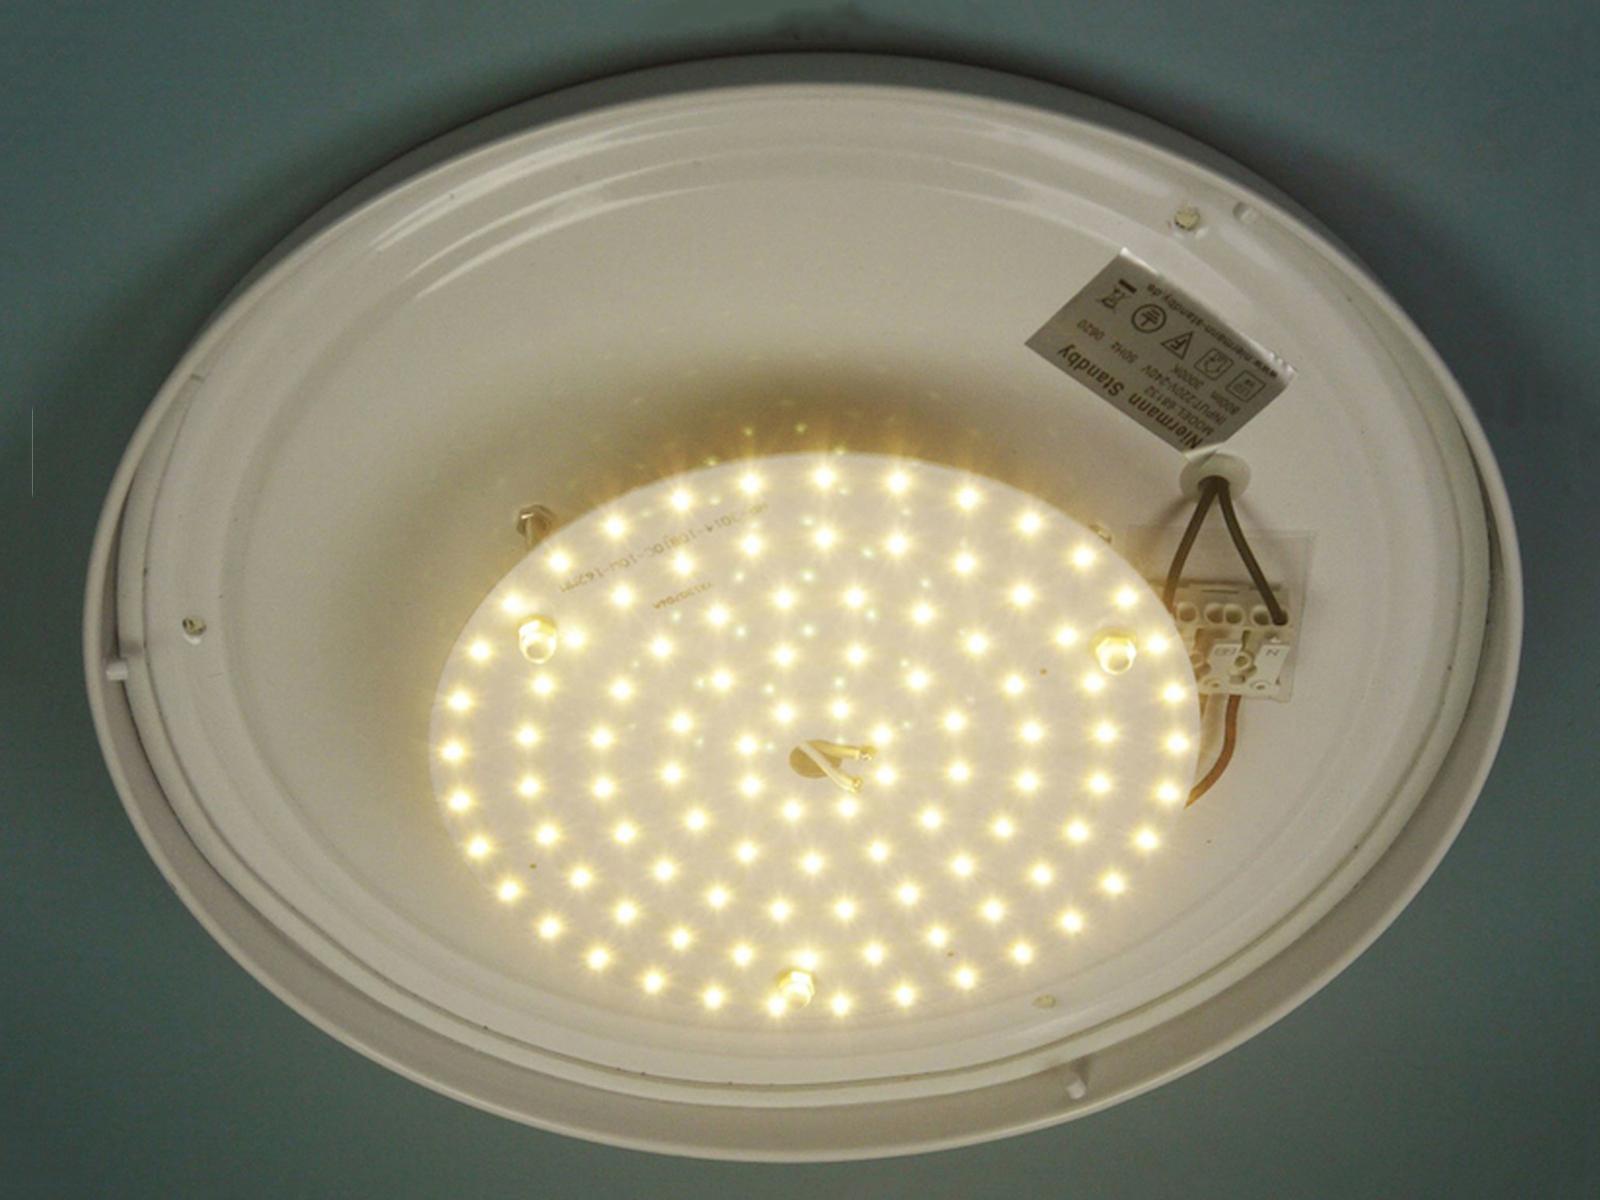 Glasleuchte Alabaster Design Ø 35cm Deckenlampe rund Glas Küchenlicht *NEU*